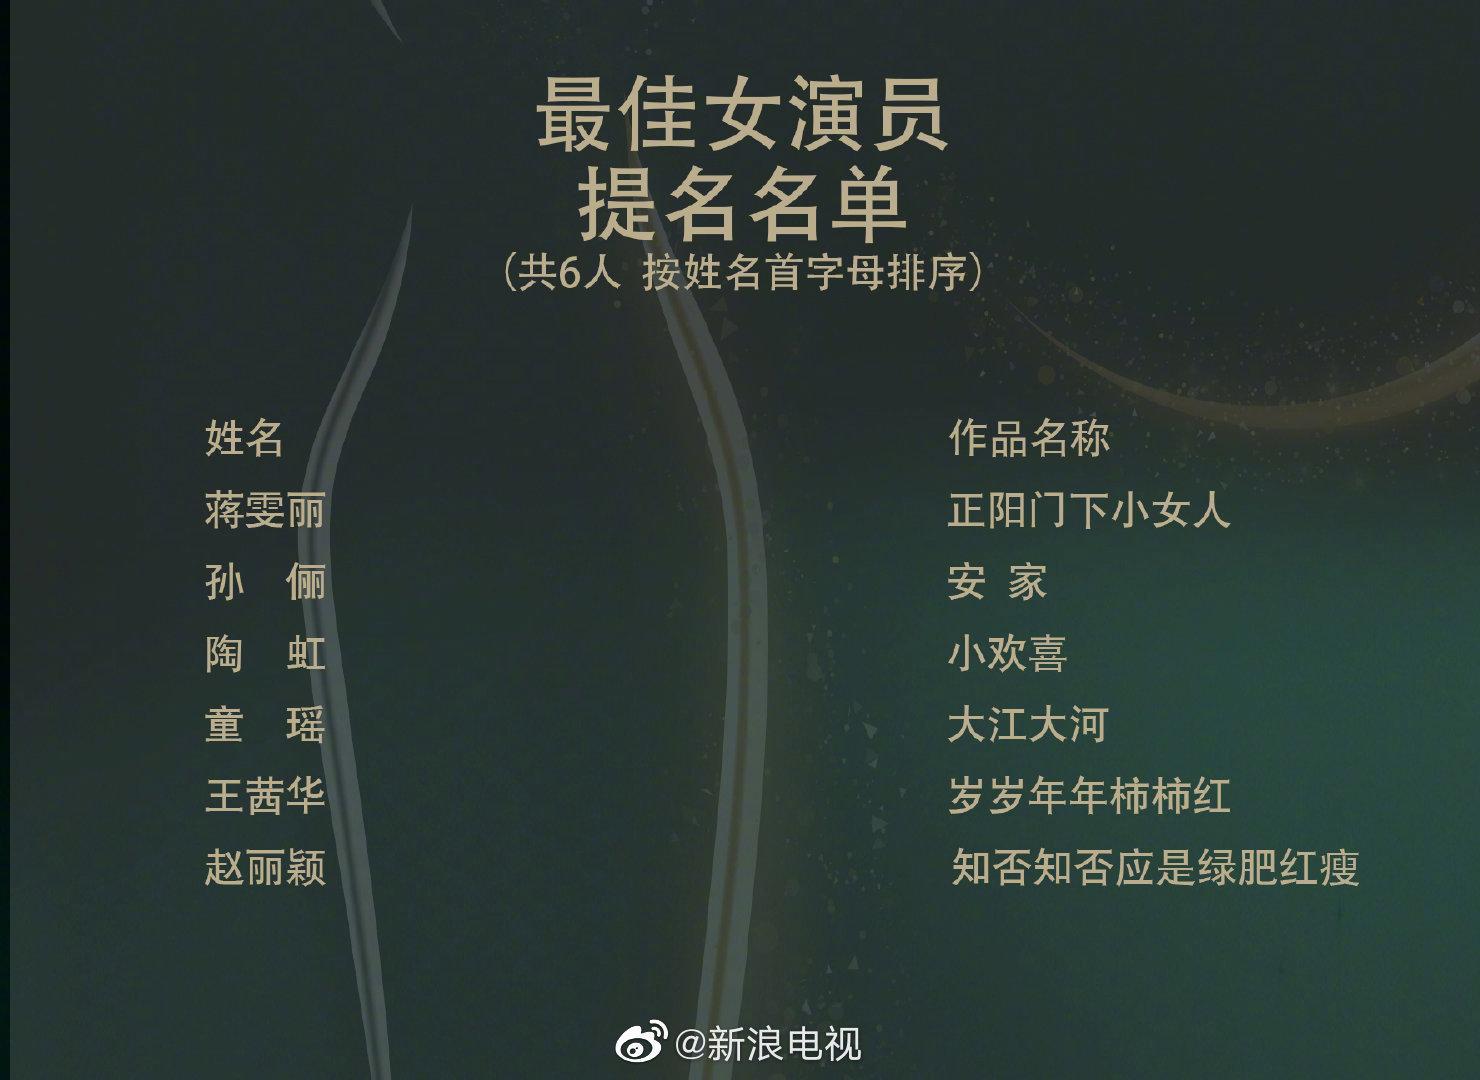 第30届金鹰奖提名名单,赵丽颖拿下个人奖项双提名